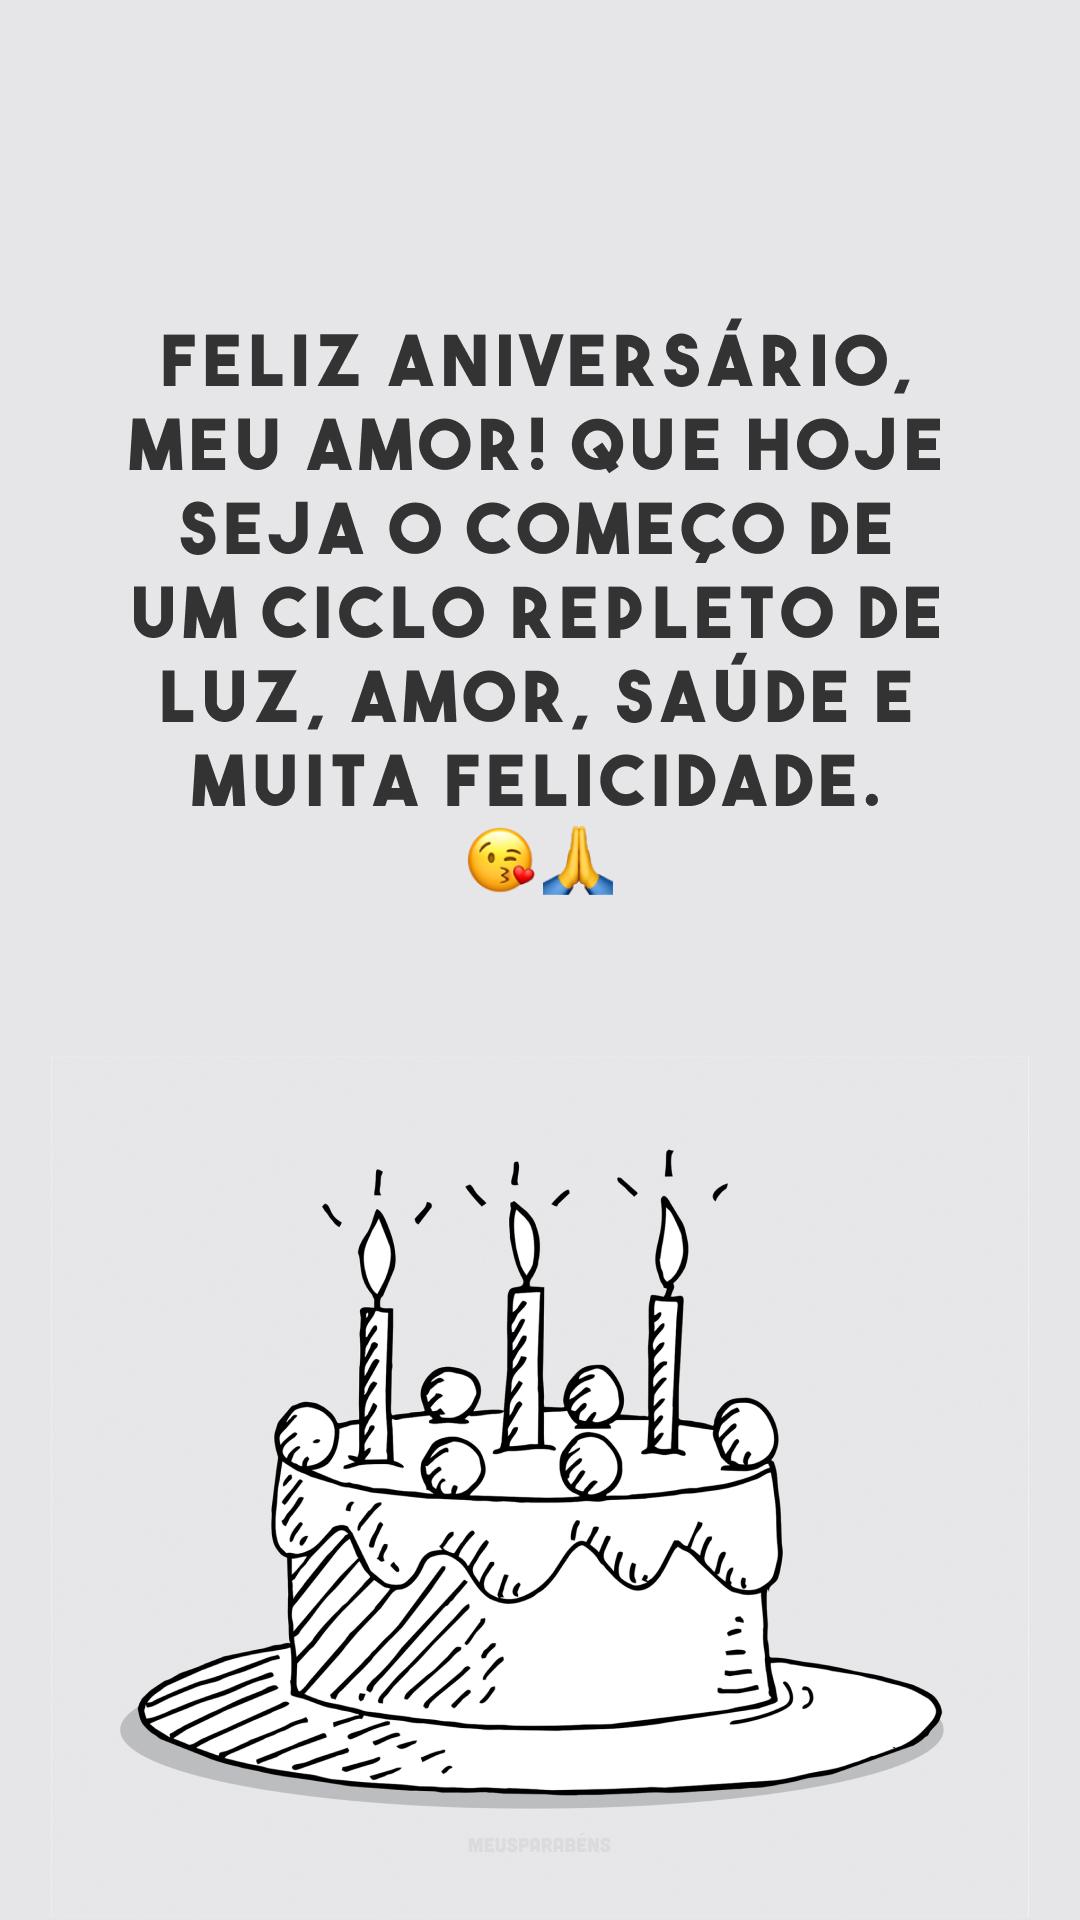 Feliz aniversário, meu amor! Que hoje seja o começo de um ciclo repleto de luz, amor, saúde e muita felicidade. 😘🙏